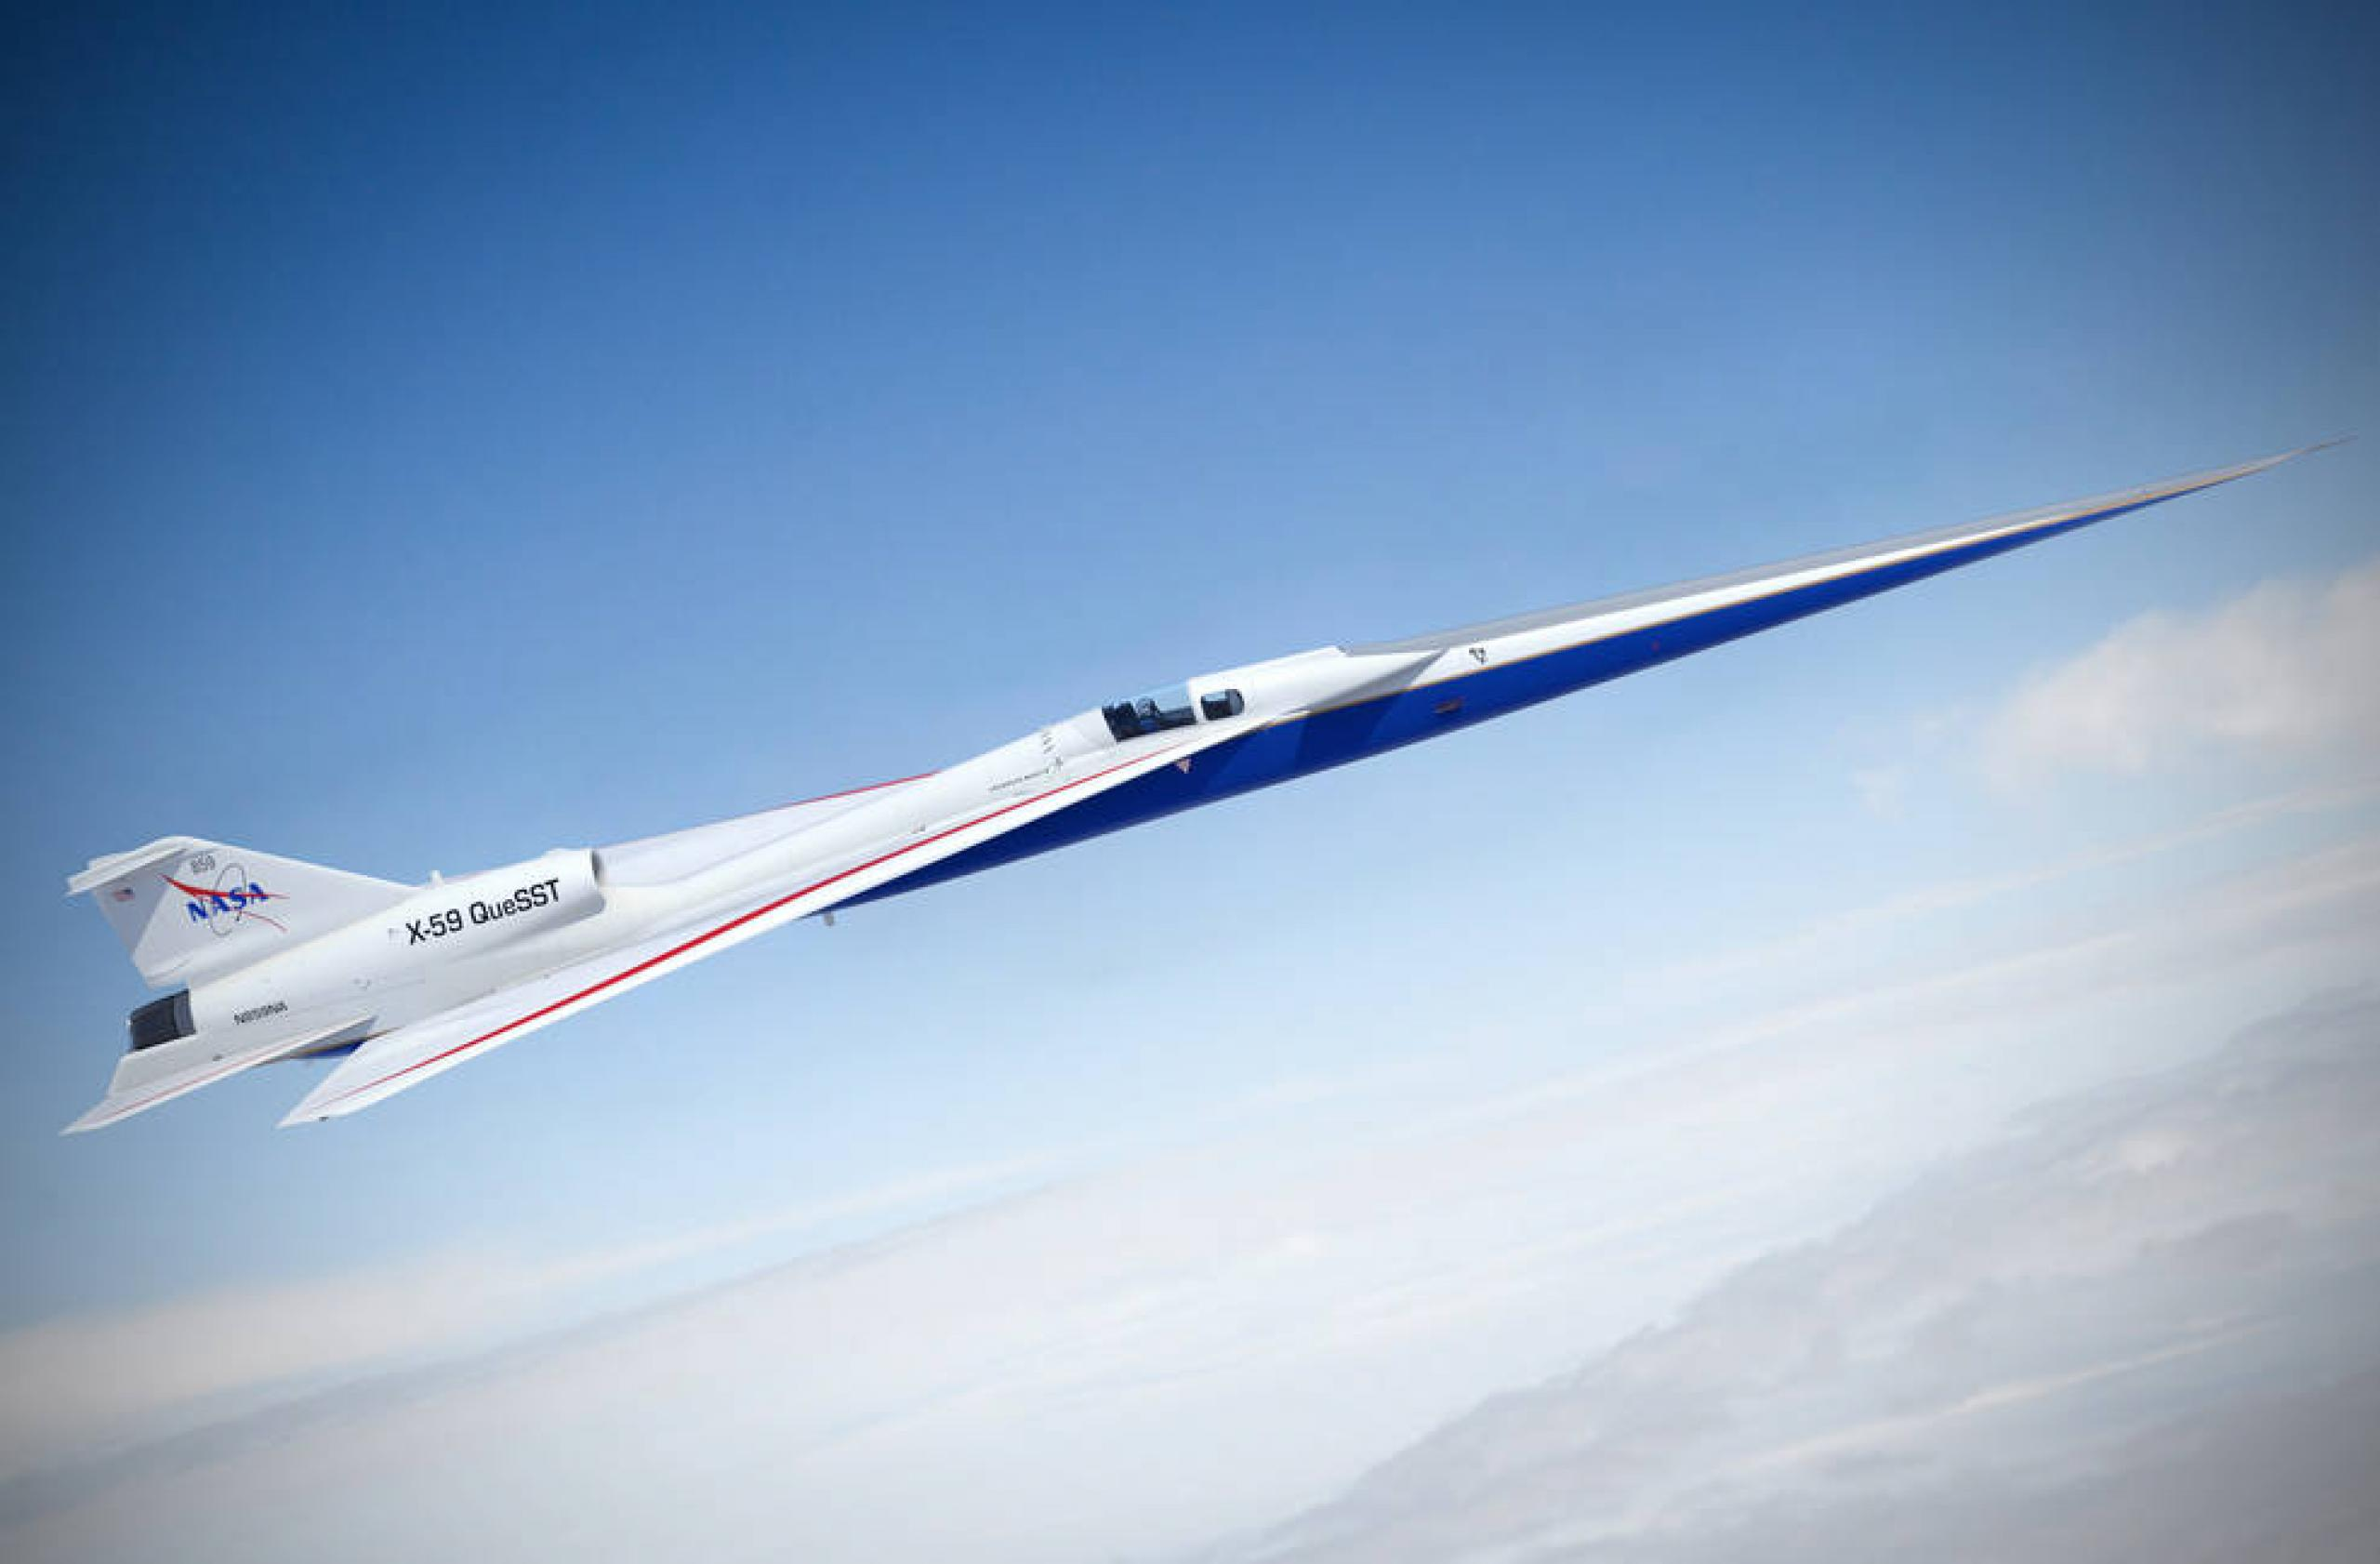 Ilsutración del avión X-59 de la NASA